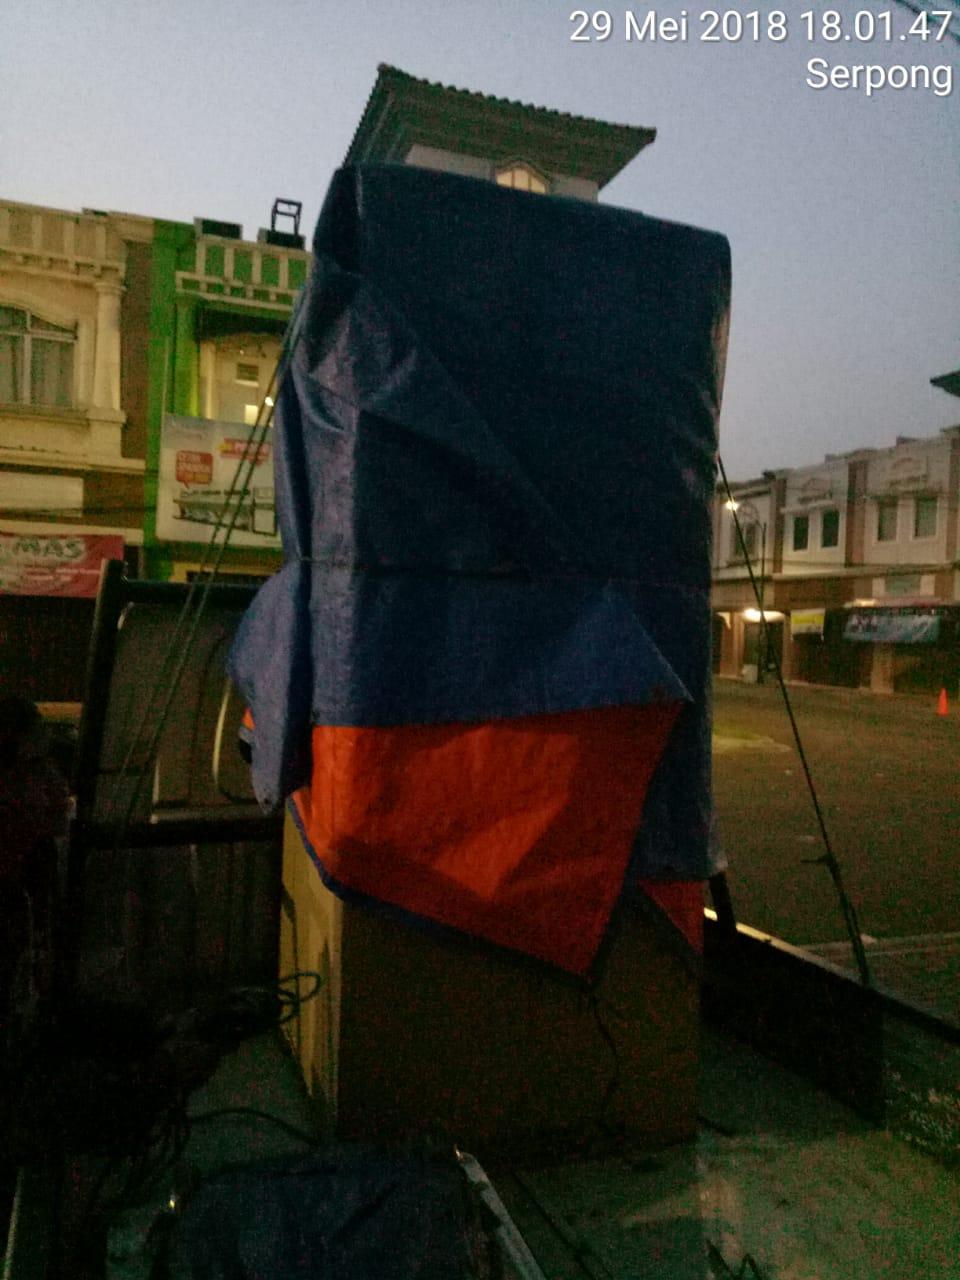 Jasa rental mobil pick up Tangerang dan luar kota